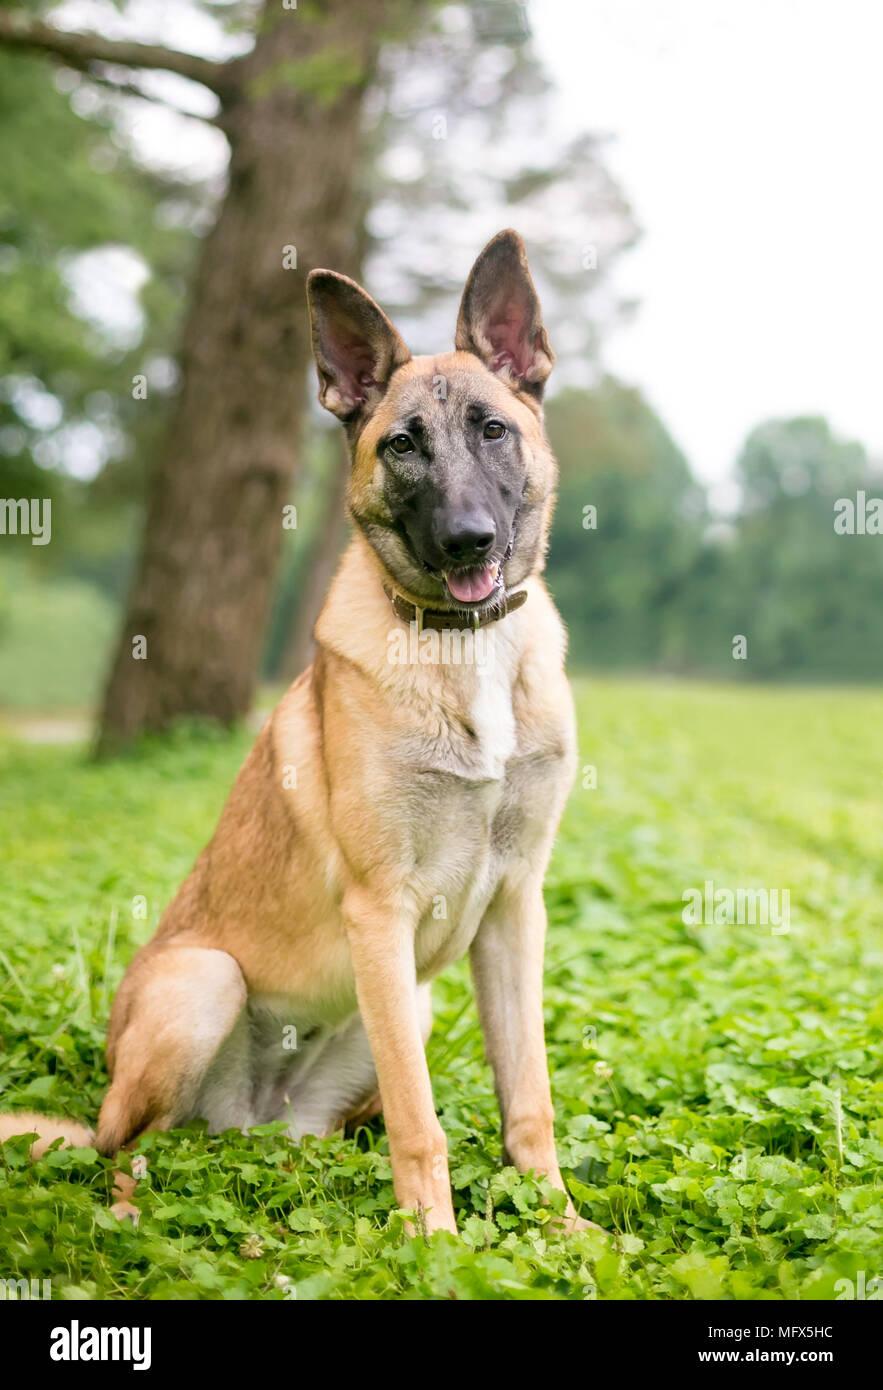 un belge de race malinois chien assis l 39 ext rieur banque d 39 images photo stock 181898680 alamy. Black Bedroom Furniture Sets. Home Design Ideas